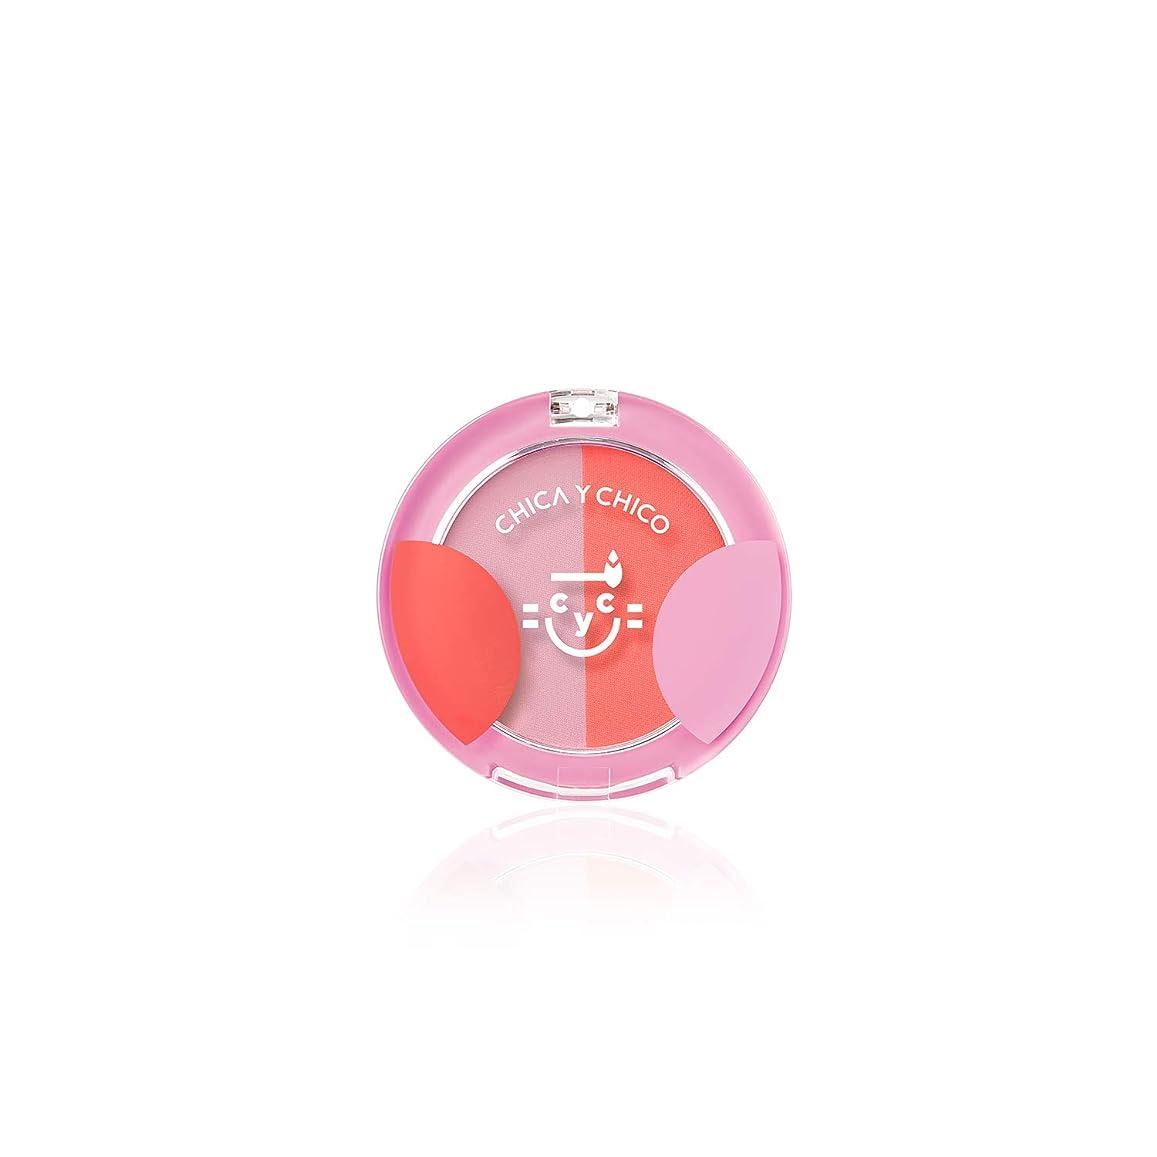 ビジター女の子光沢のある[チカイチコ]ワンタッチデュオチーク2号(ピンクインディアンダンシング)■高発色